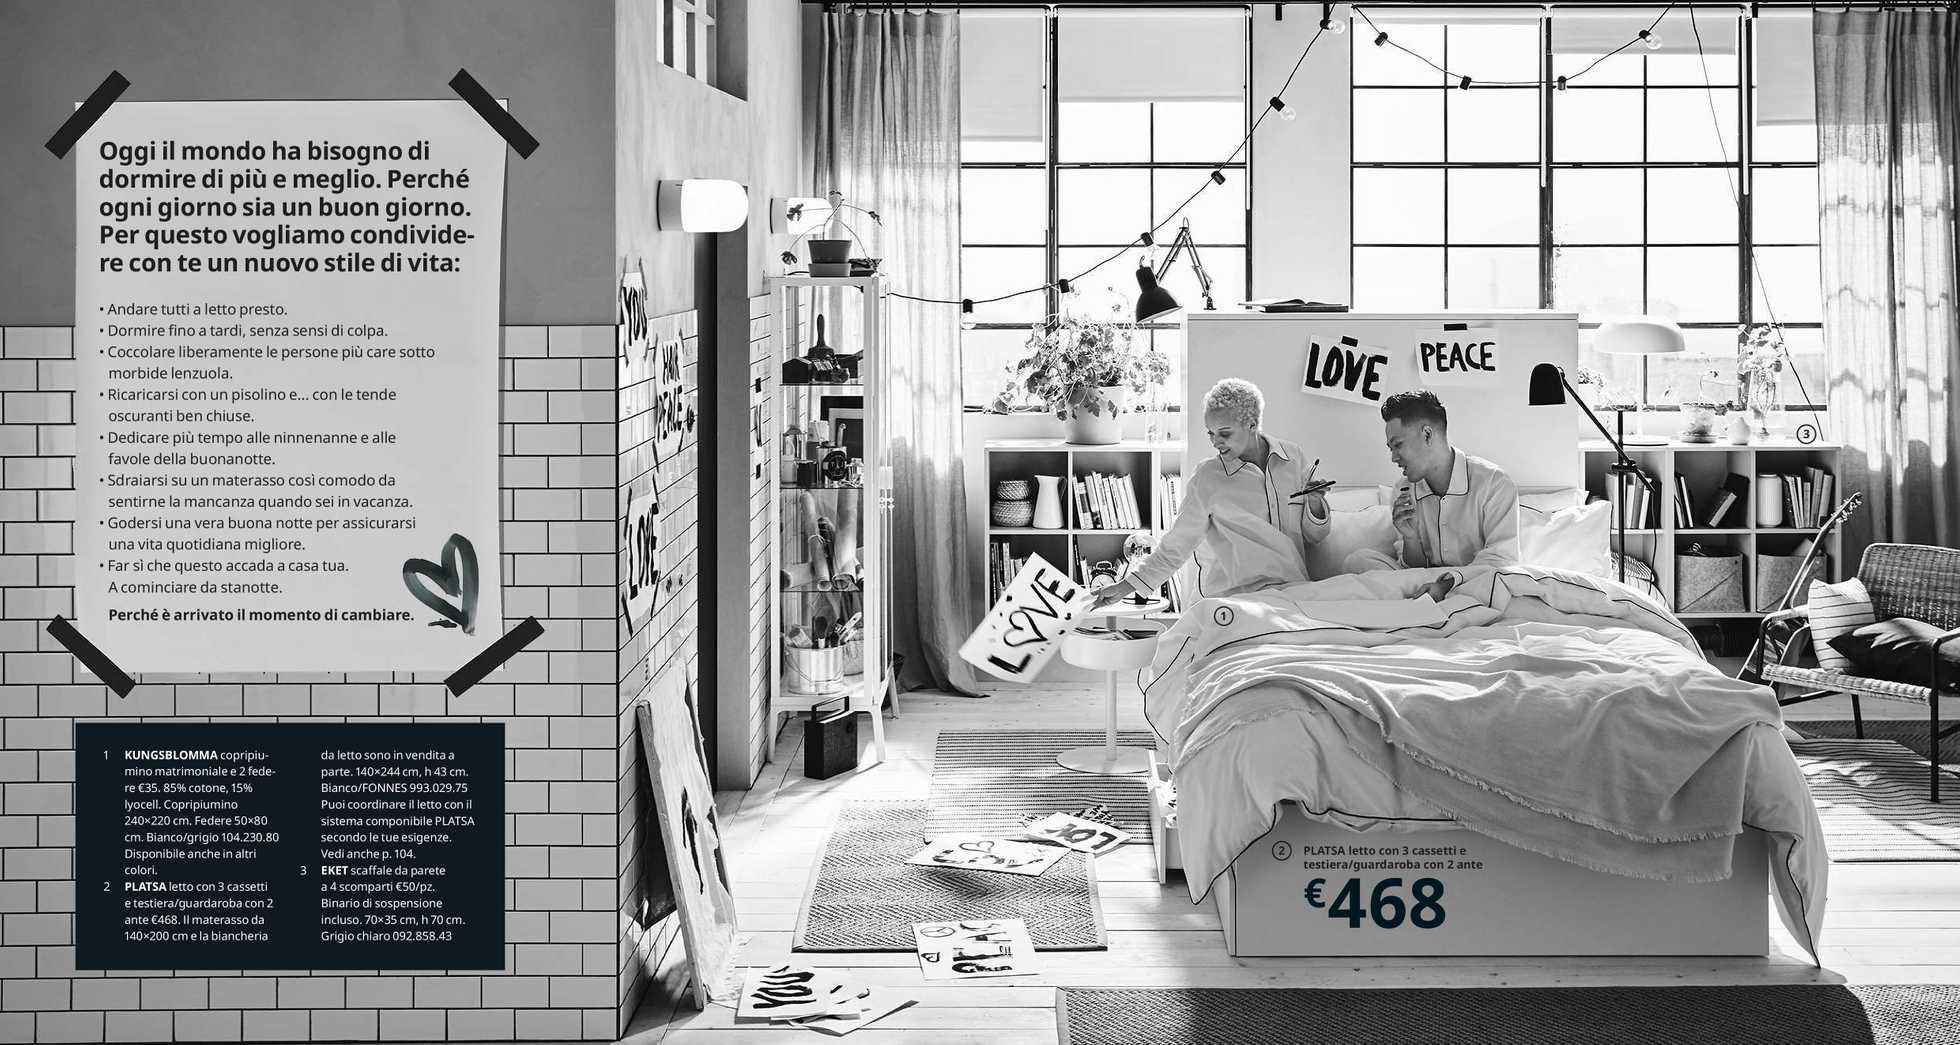 IKEA - offerte valide dal 22.08.2019 al 31.07.2020 - pagina 2.